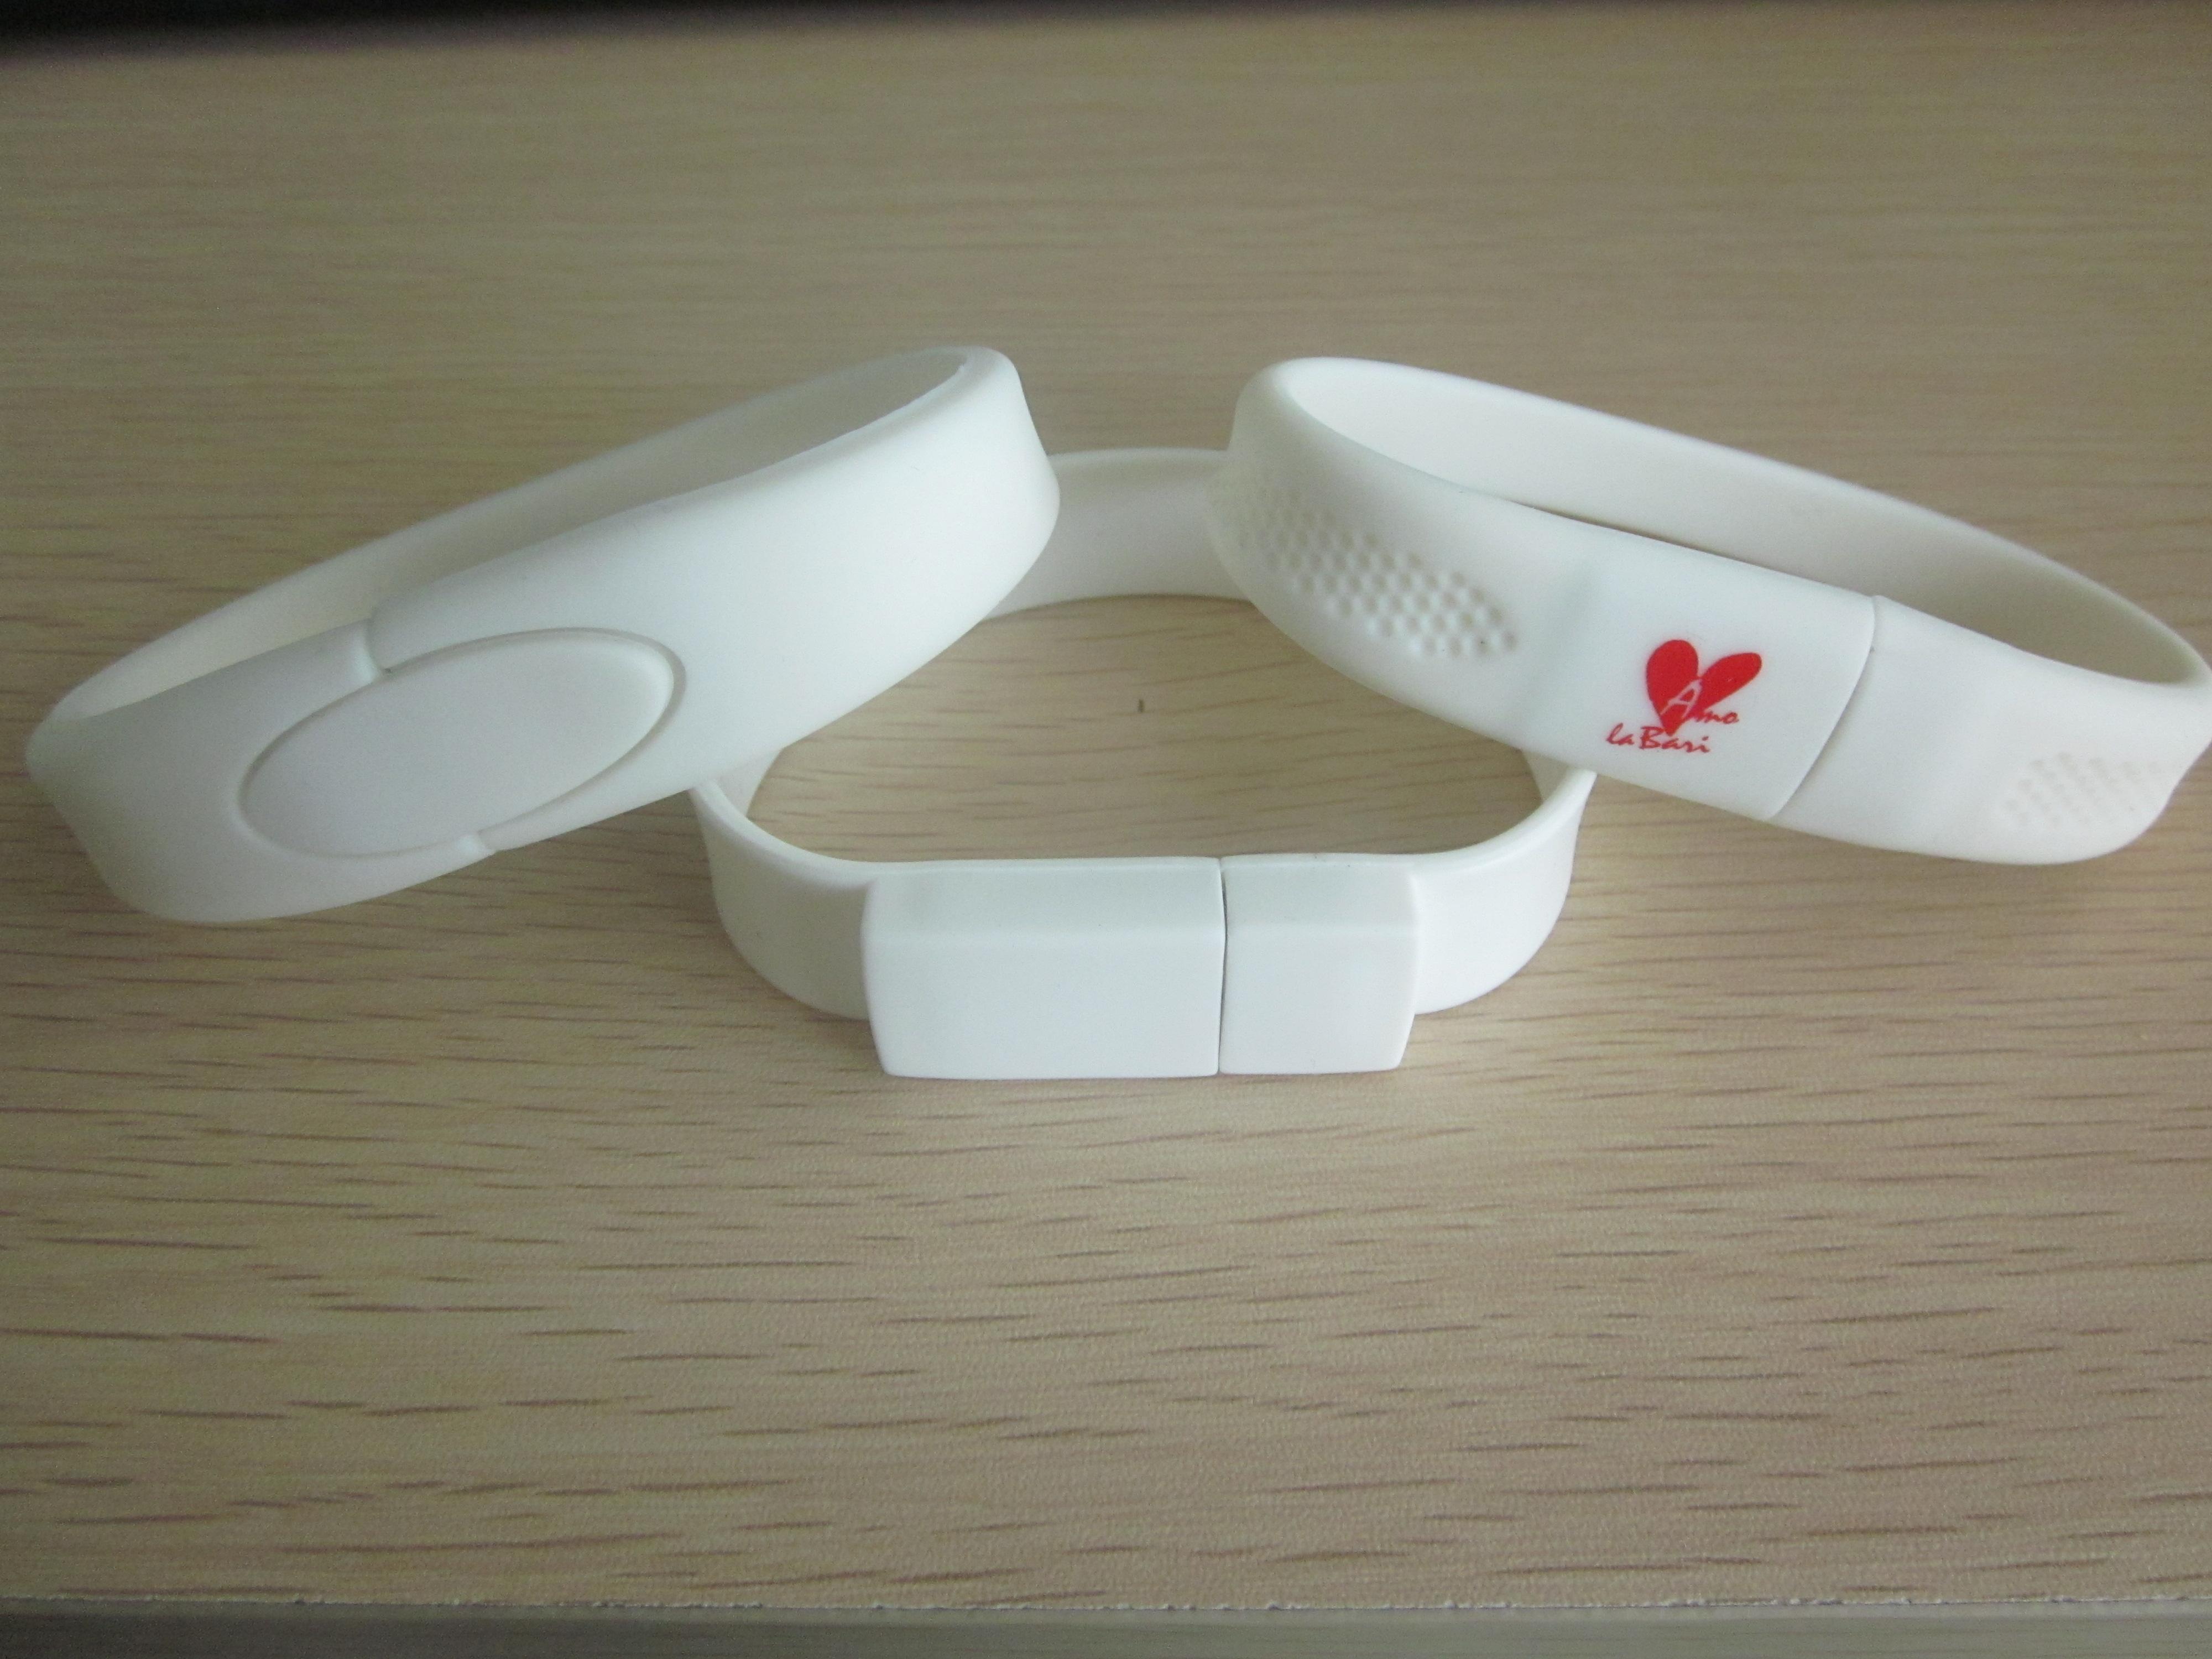 Silicon Wristband USB